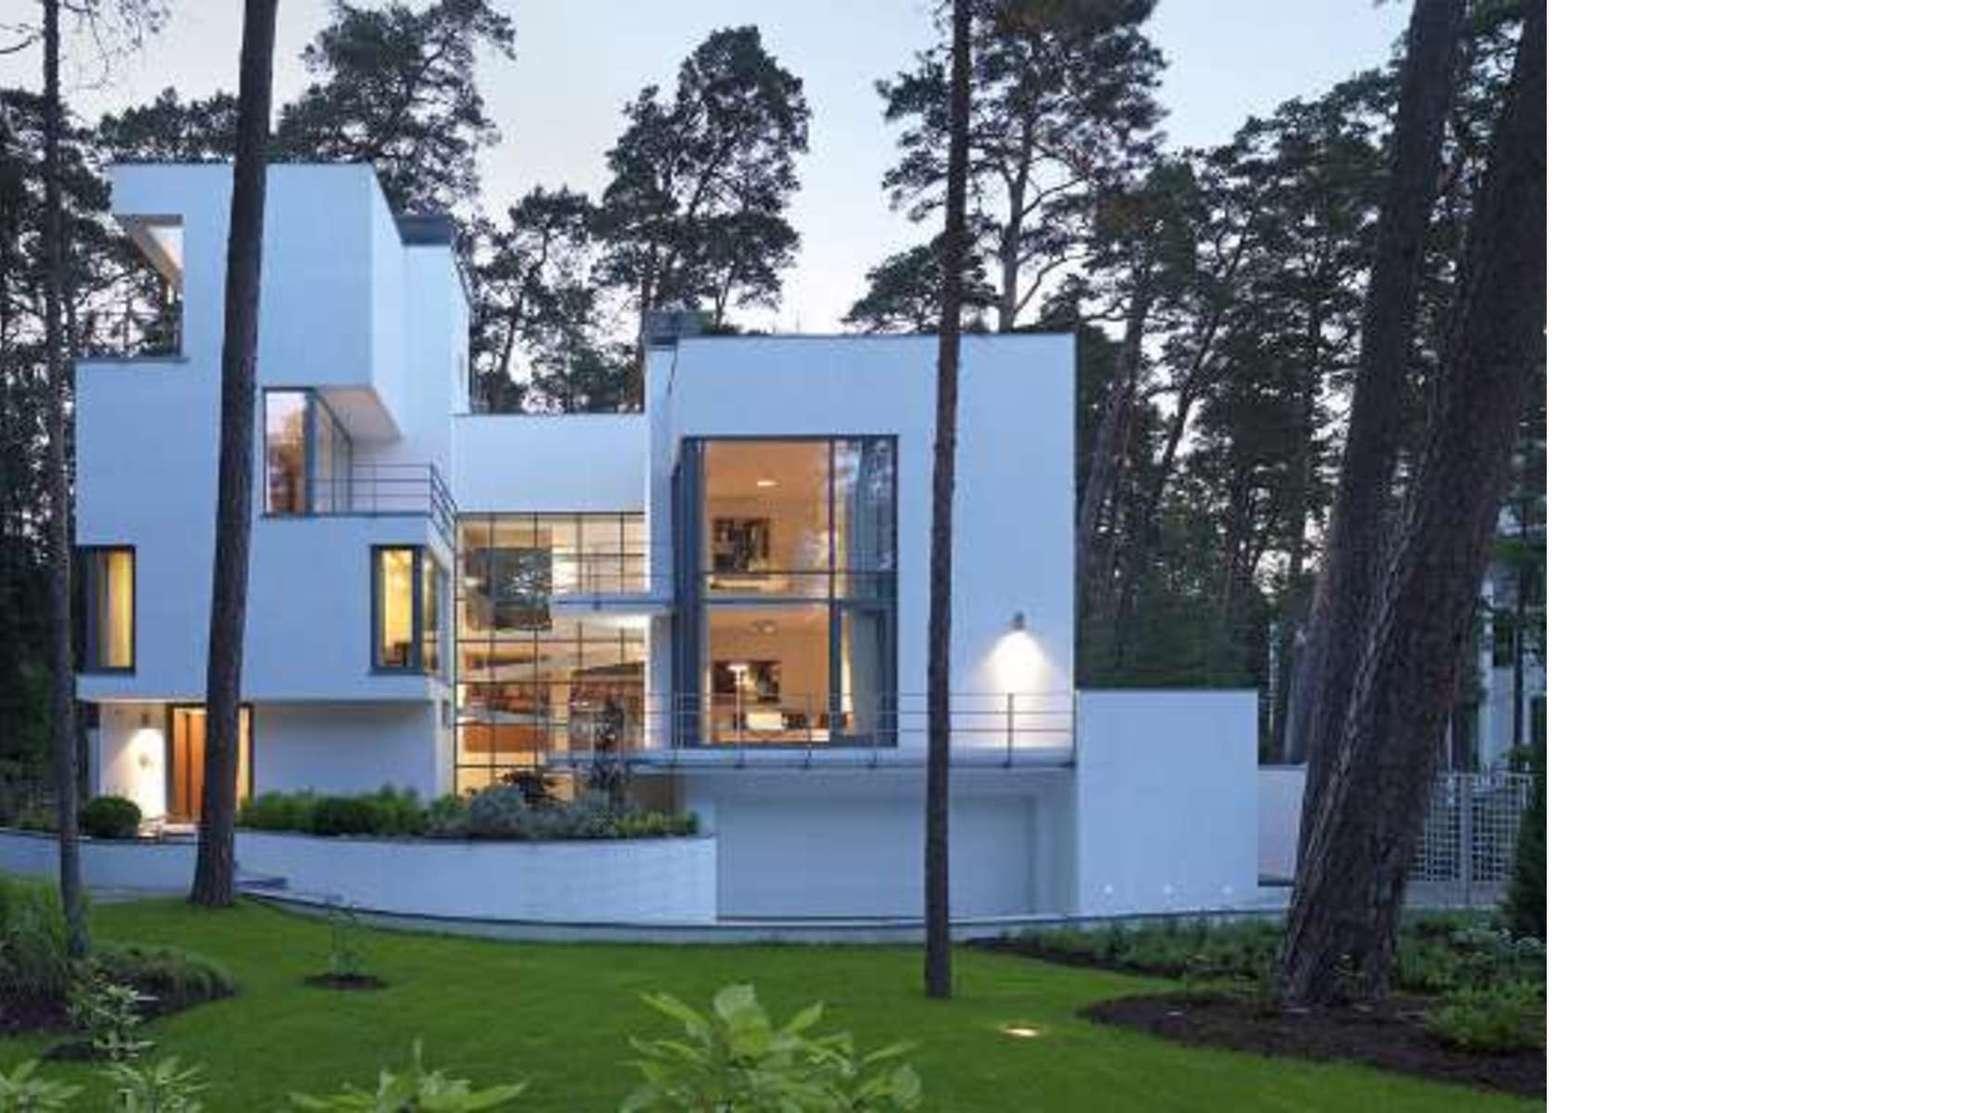 Guna Villa, Jurmala, Riga, Latvia, Image: Heiner Leiska